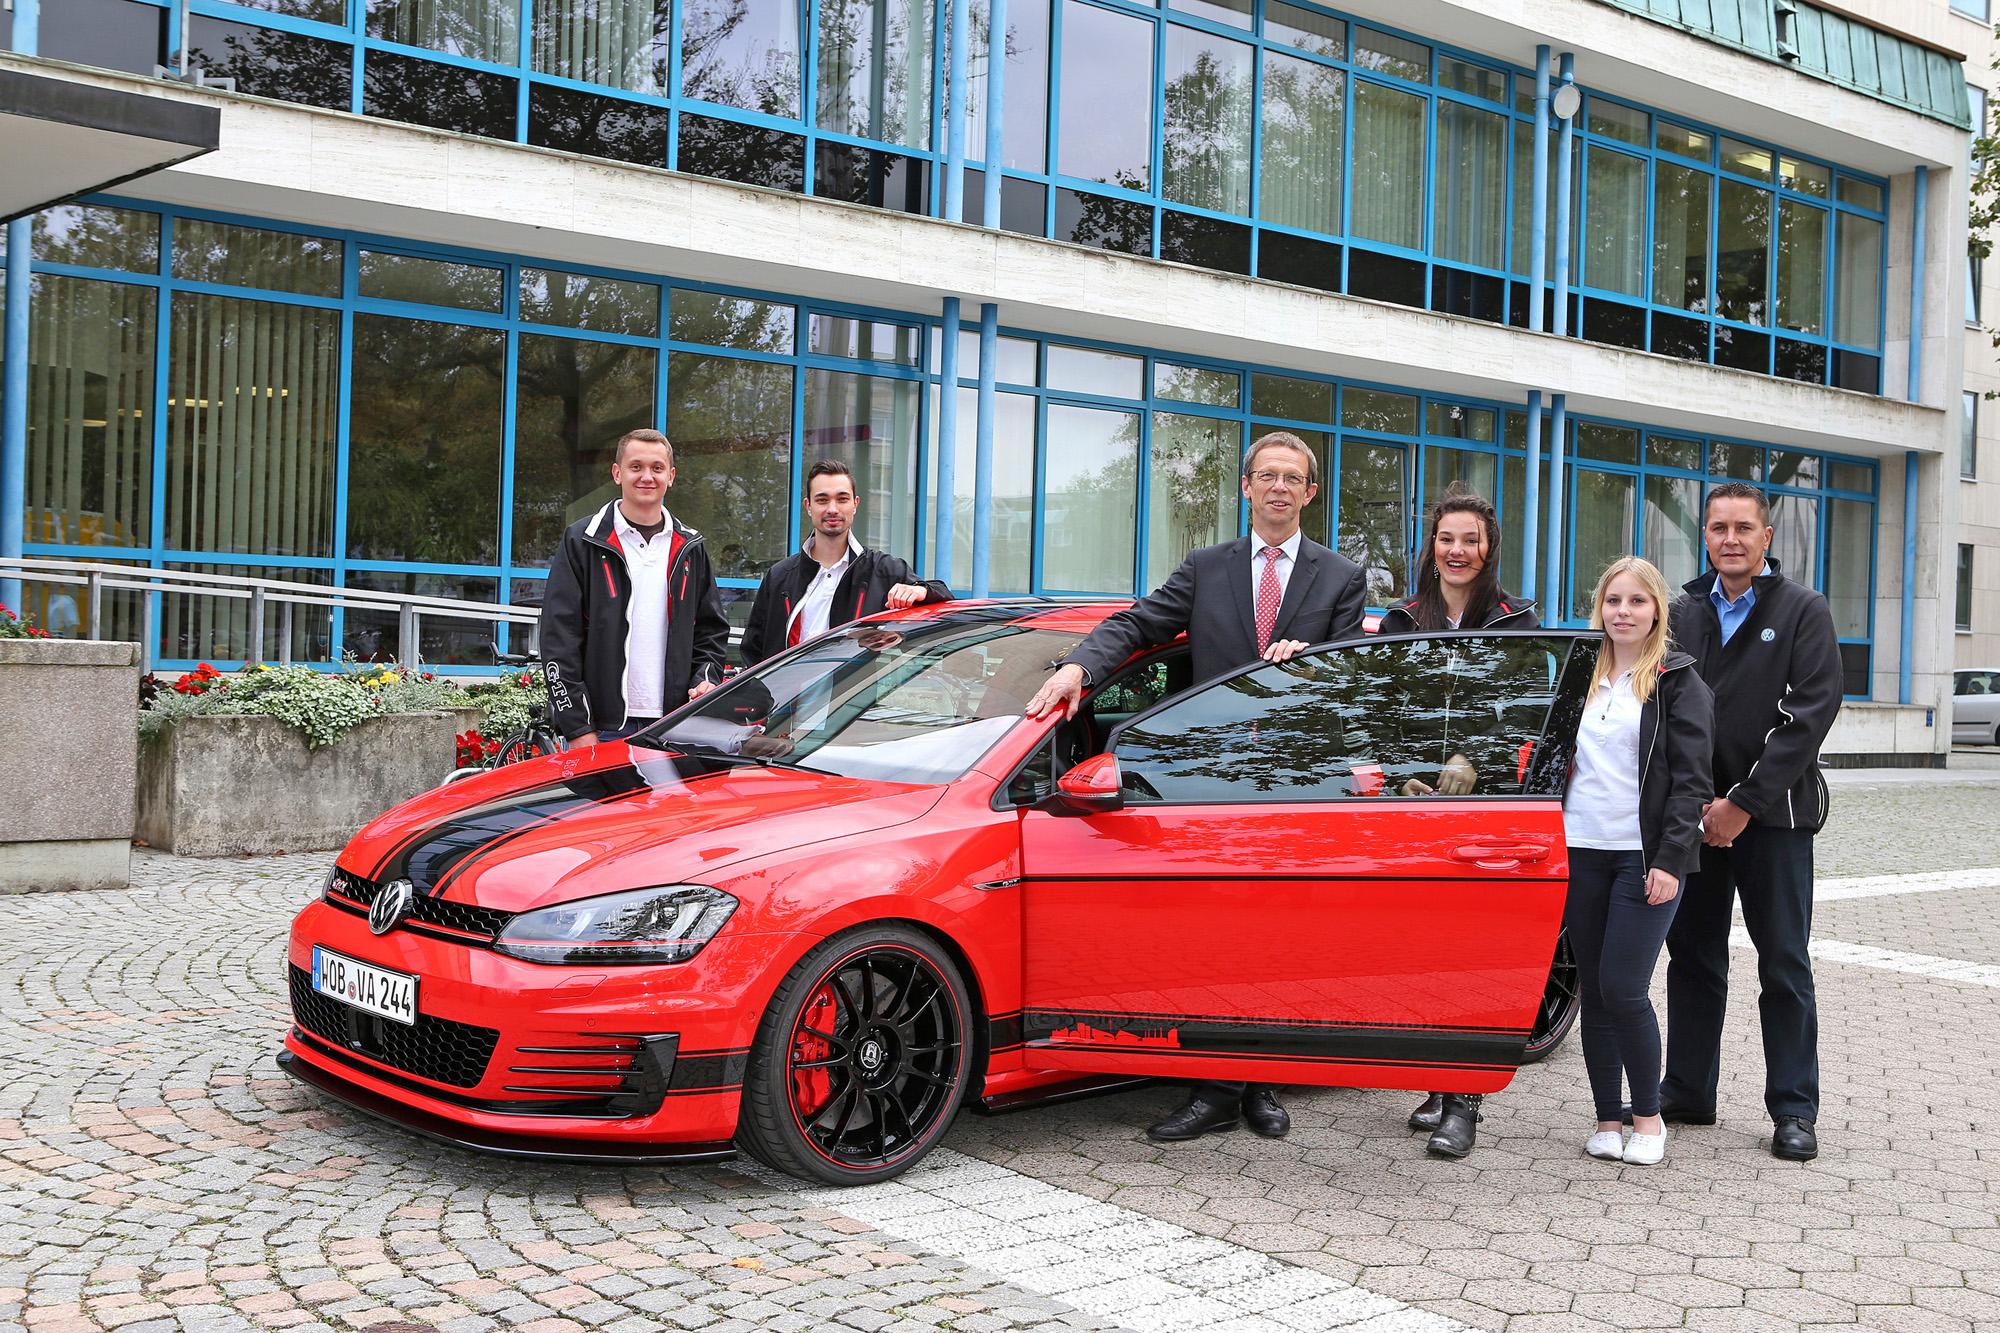 Auszubildende von Volkswagen und Sitech praesentieren Oberbuergermeister Mohrs den Golf GTI Wolfsburg Edition